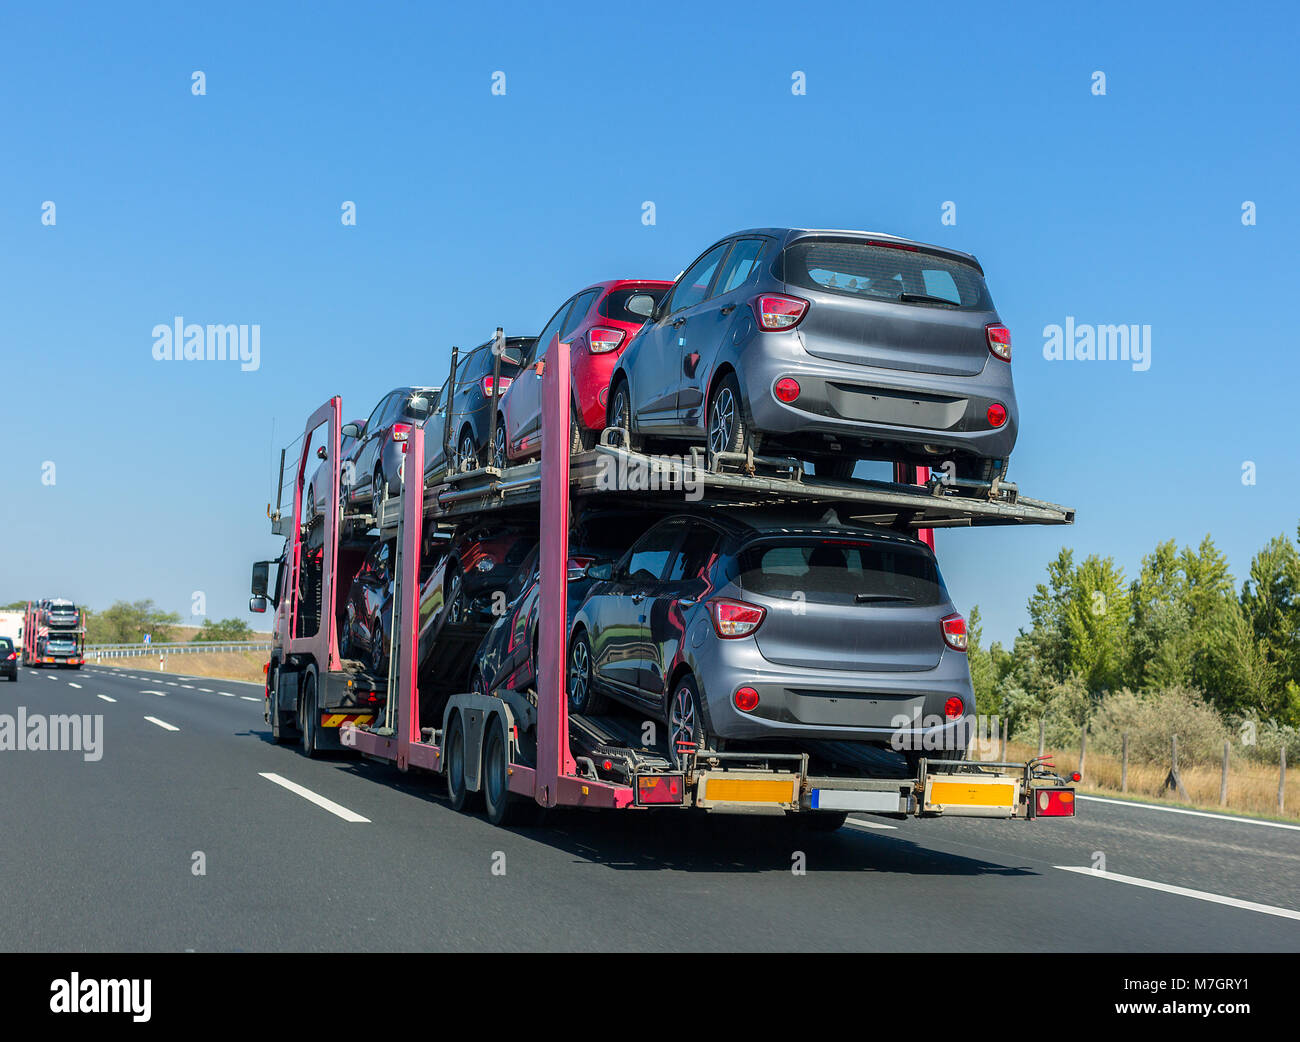 Etagenbett Auto : Big car carrier anhänger mit autos auf einem etagenbett plattform